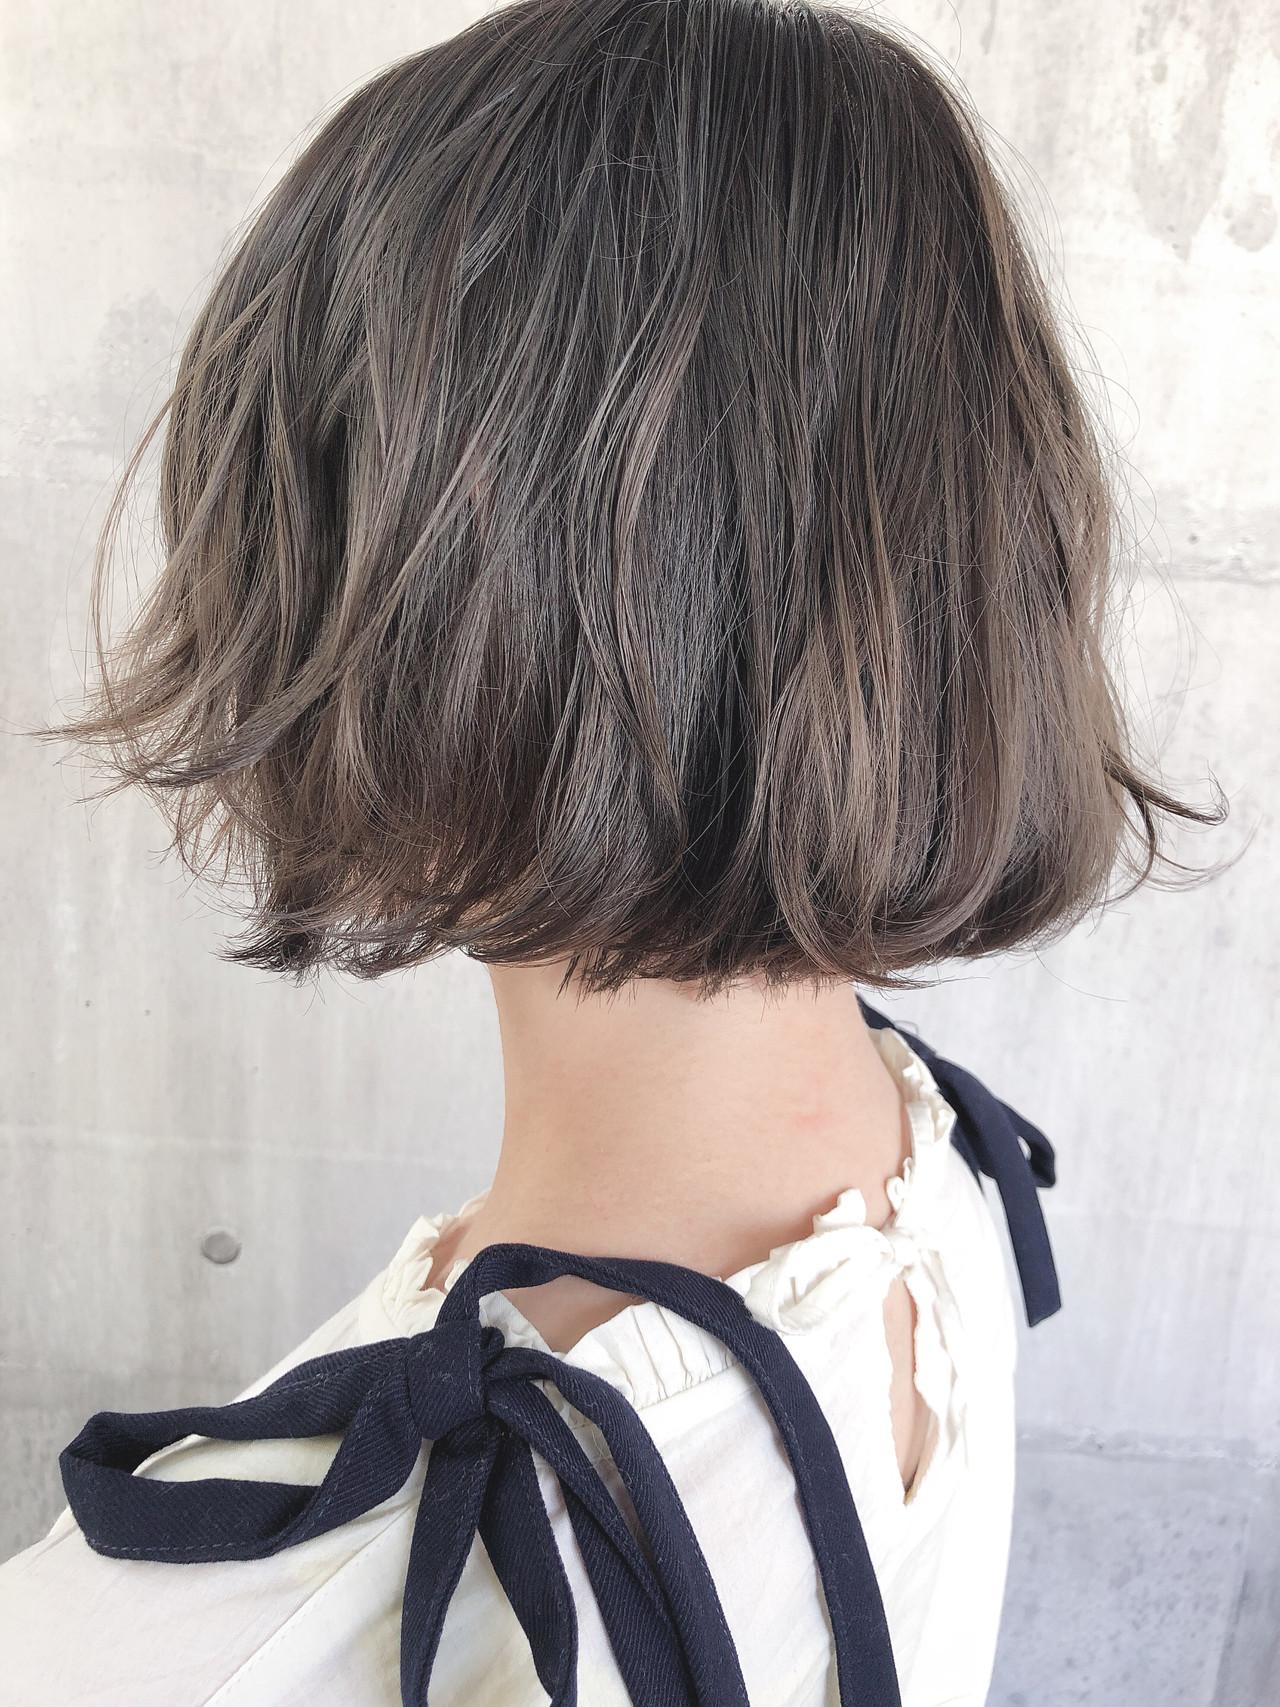 外ハネボブ アッシュベージュ ミニボブ グレージュ ヘアスタイルや髪型の写真・画像 | 上田智久 / ooit 福岡 天神 / ooit